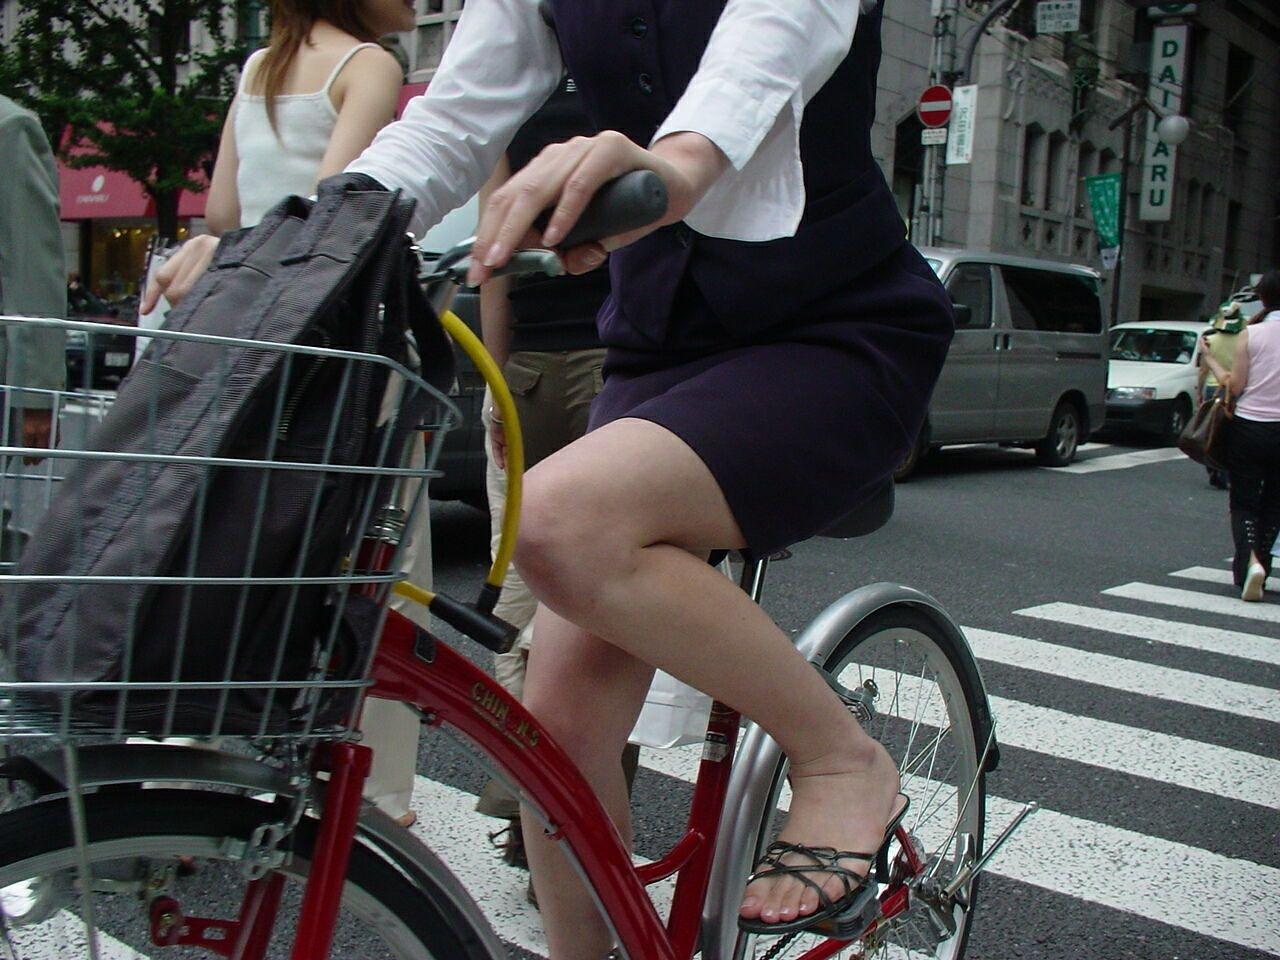 OL_自転車_タイトスカート_盗撮_エロ画像_17